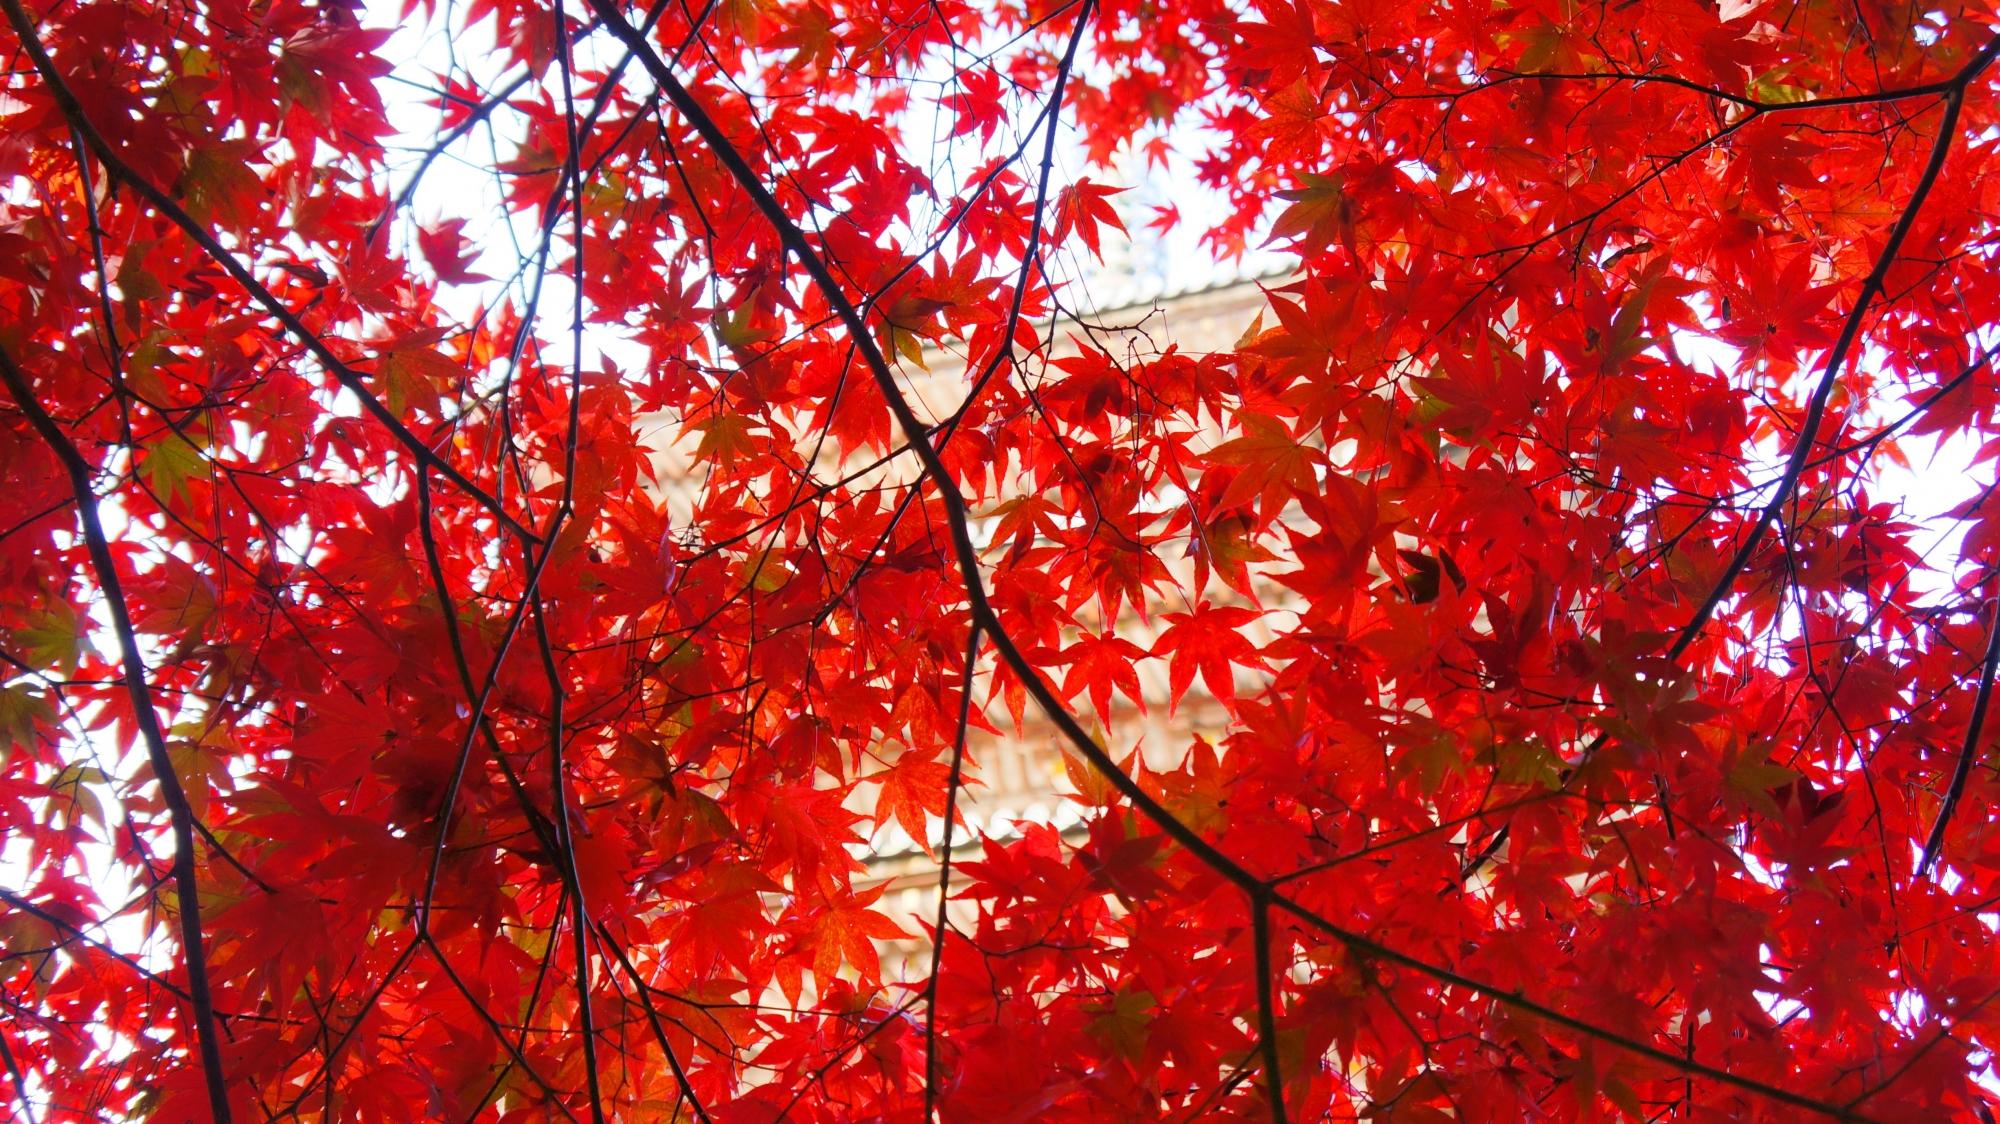 醍醐寺の五重塔を秋色に染める真紅の紅葉